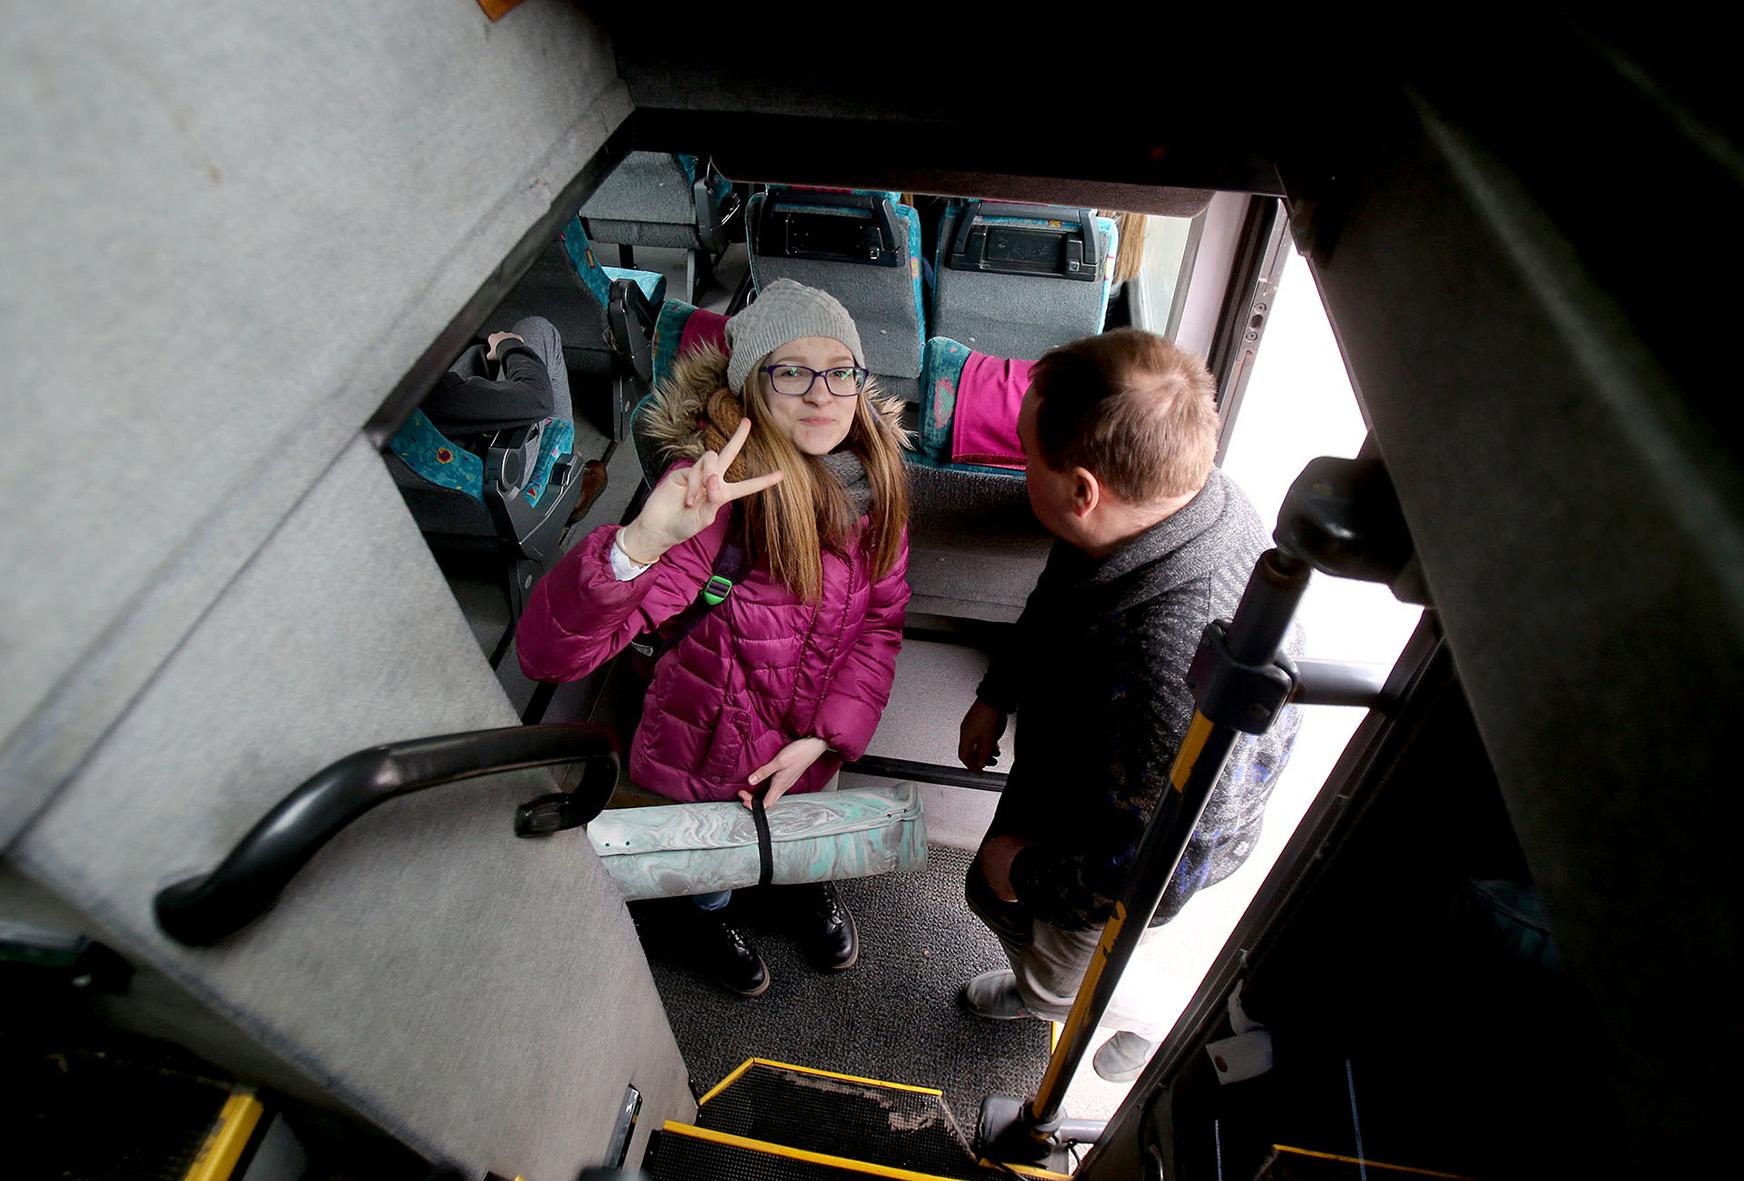 Mokiniai tobulėja ne tik mokyklos erdvėse vykstančiuose užsiėmimuose, bet ir keliaudami. Artimiausiuose planuose – kelių dienų išvyka į Rygą bei savaitės viešnagė Islandijoje. A. Barzdžiaus nuotr.